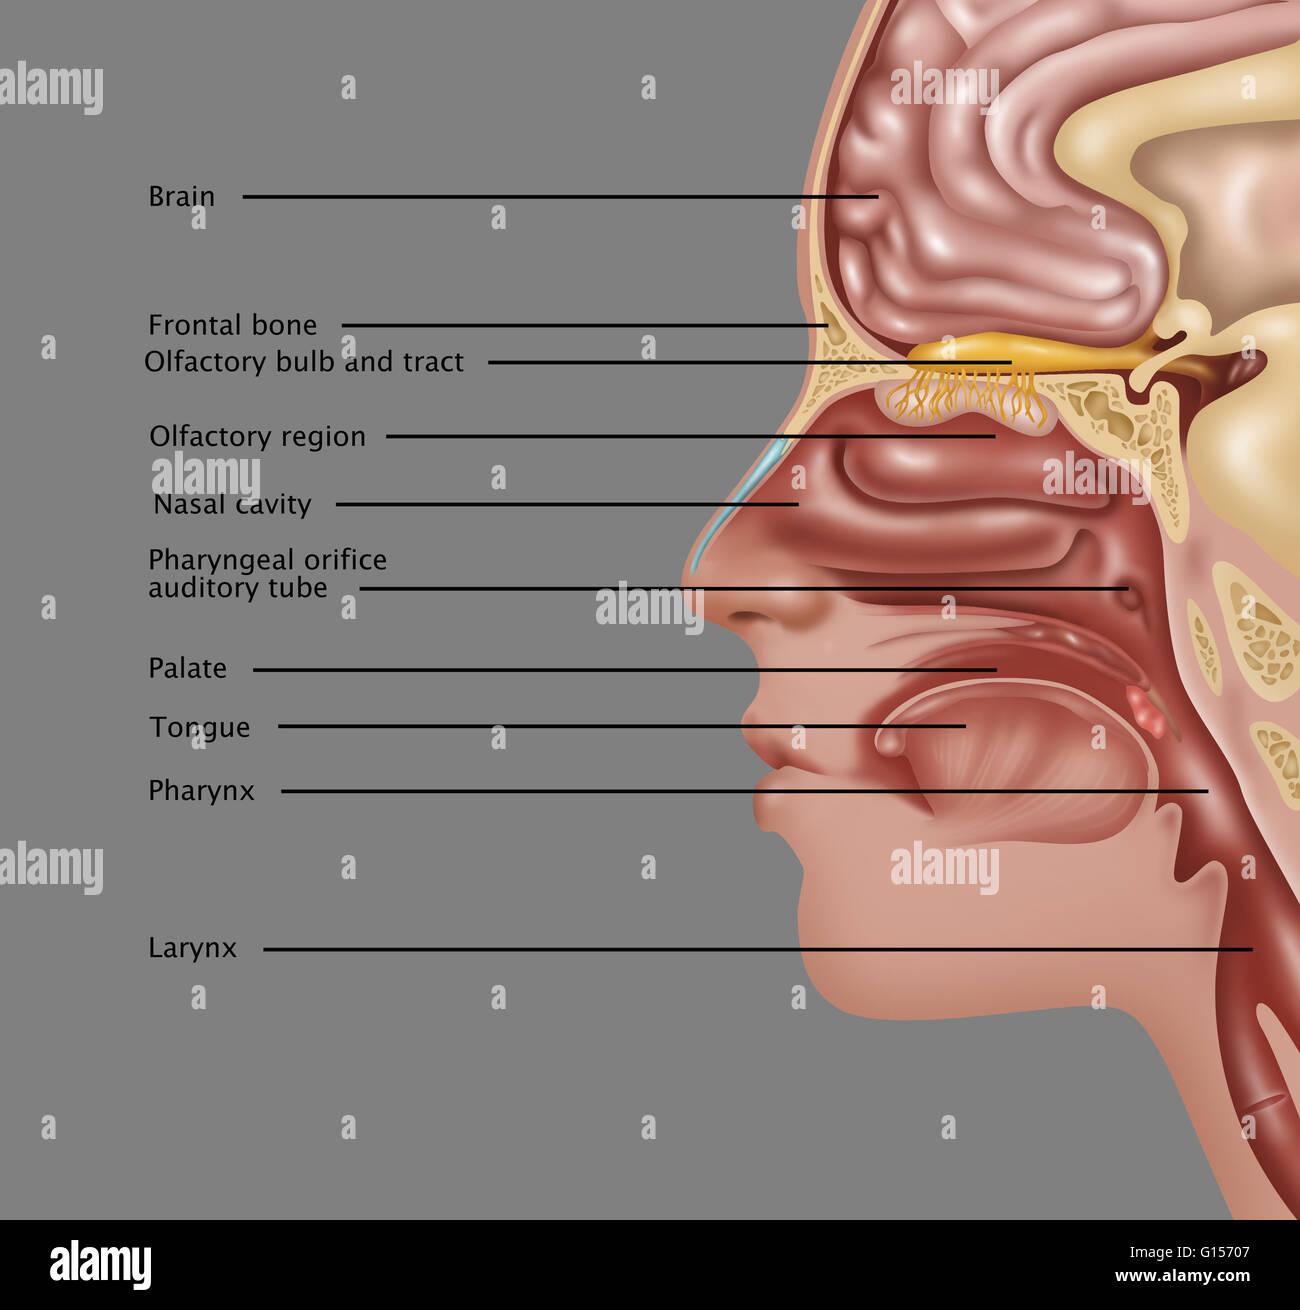 Ilustración de la anatomía de la usada en el sentido del olfato. Las ...